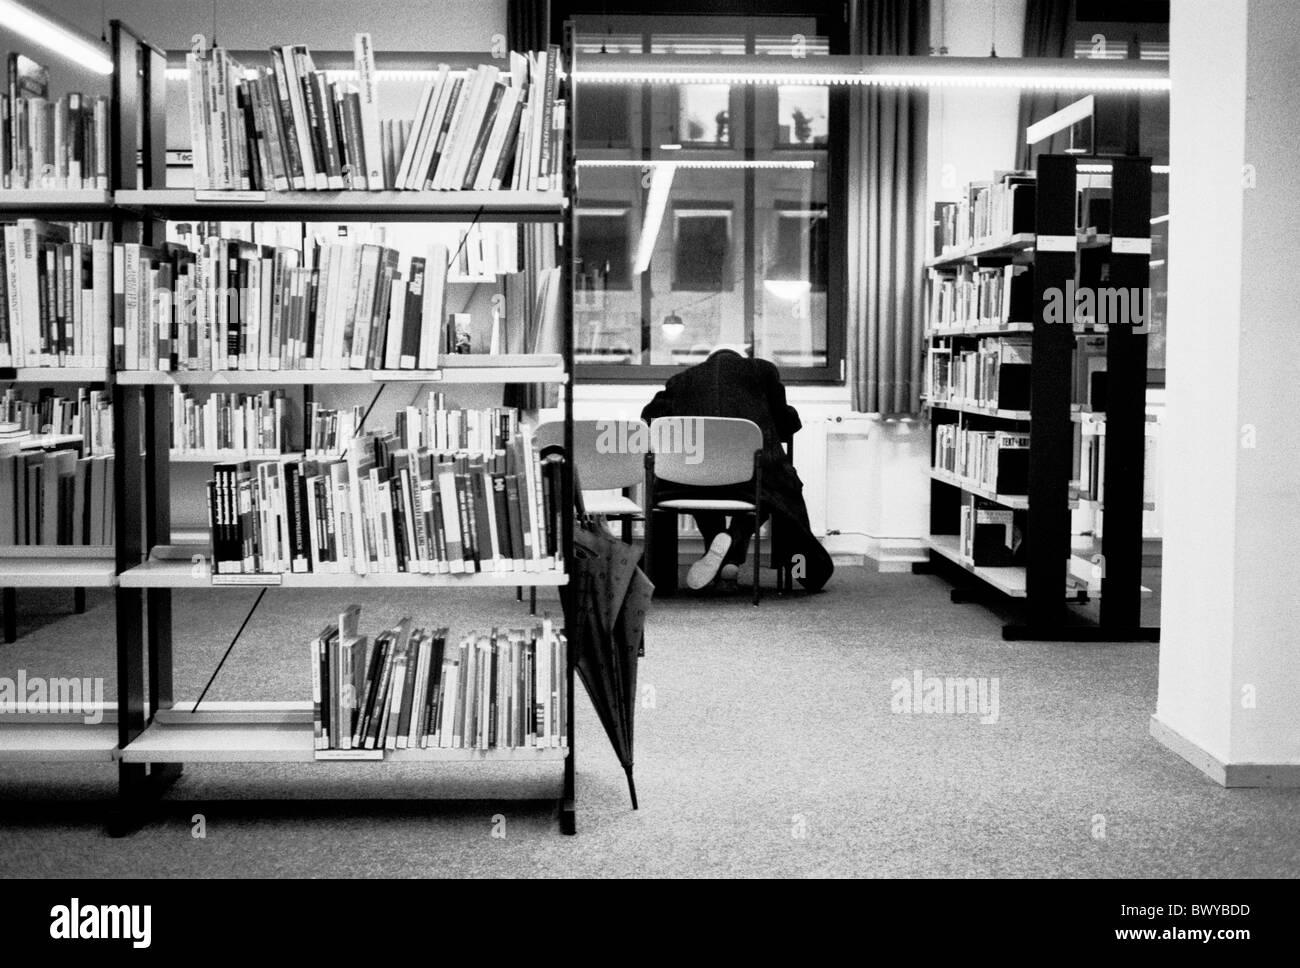 Archives Bibliothèque livres des étagères à l'intérieur de lire de la littérature Photo Stock